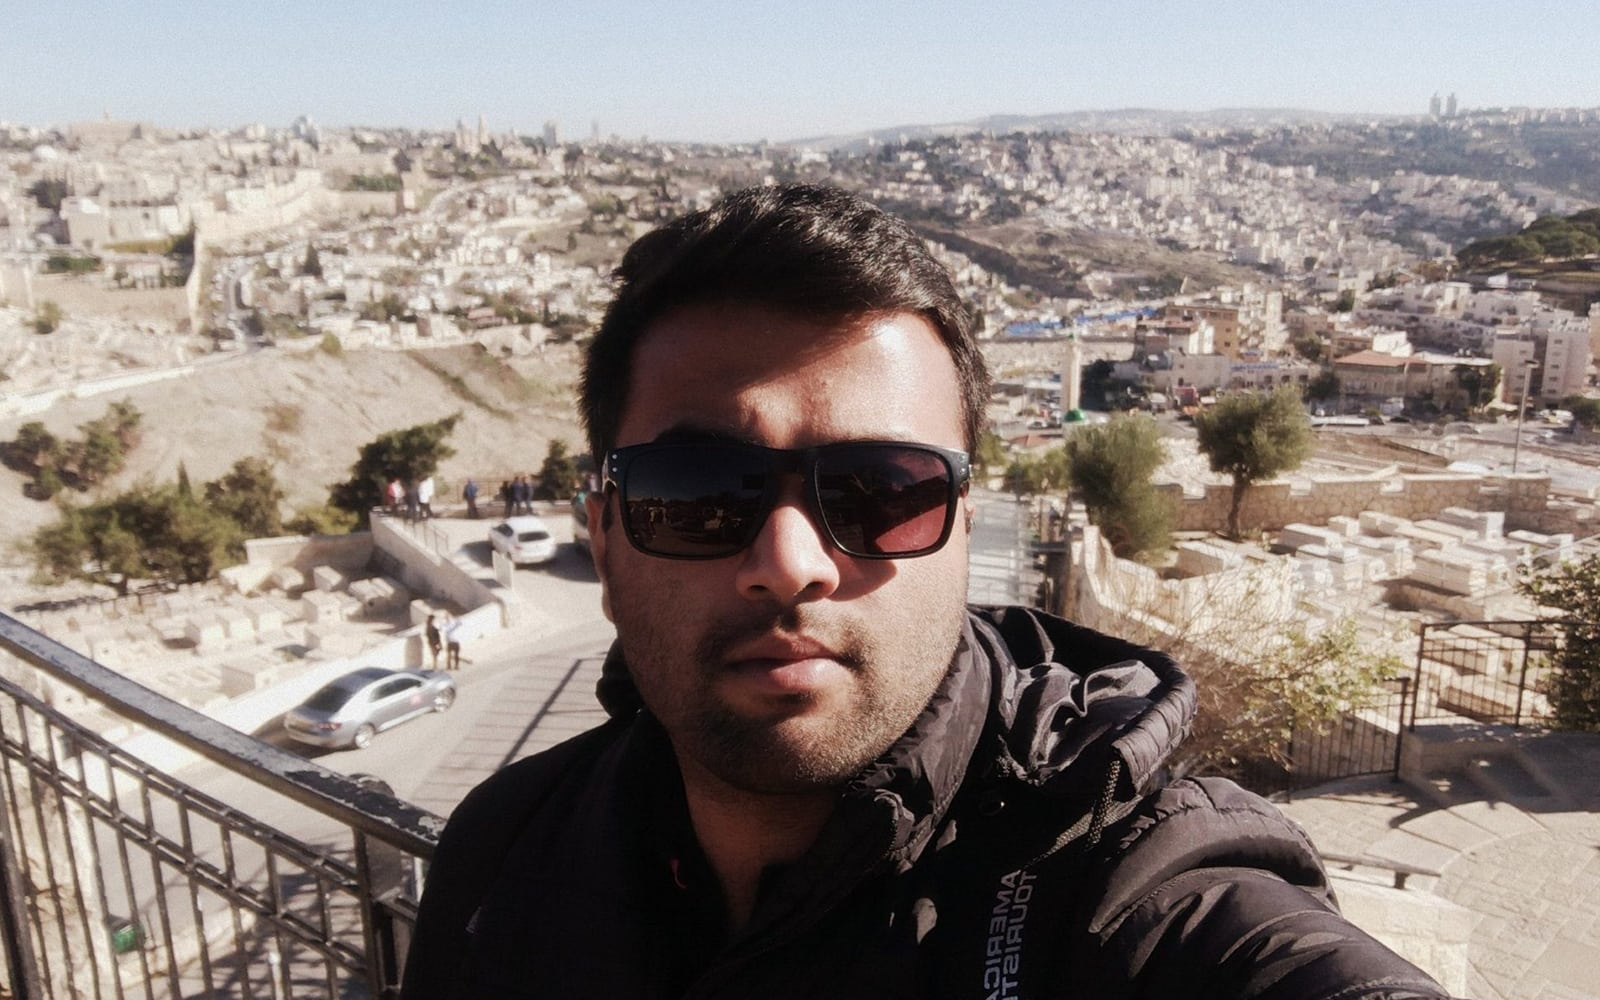 """סיבה סאי, העובד ולומד בבית הספר לרפואה ע""""ש סקאלר באוניברסיטת תל אביב, במהלך ביקור בהר ציון. סאי תקוע נכון לעכשיו בהודו על רקע מגפת הקורונה (צילום: באדיבות המצולם, סאי דרך JTA)"""